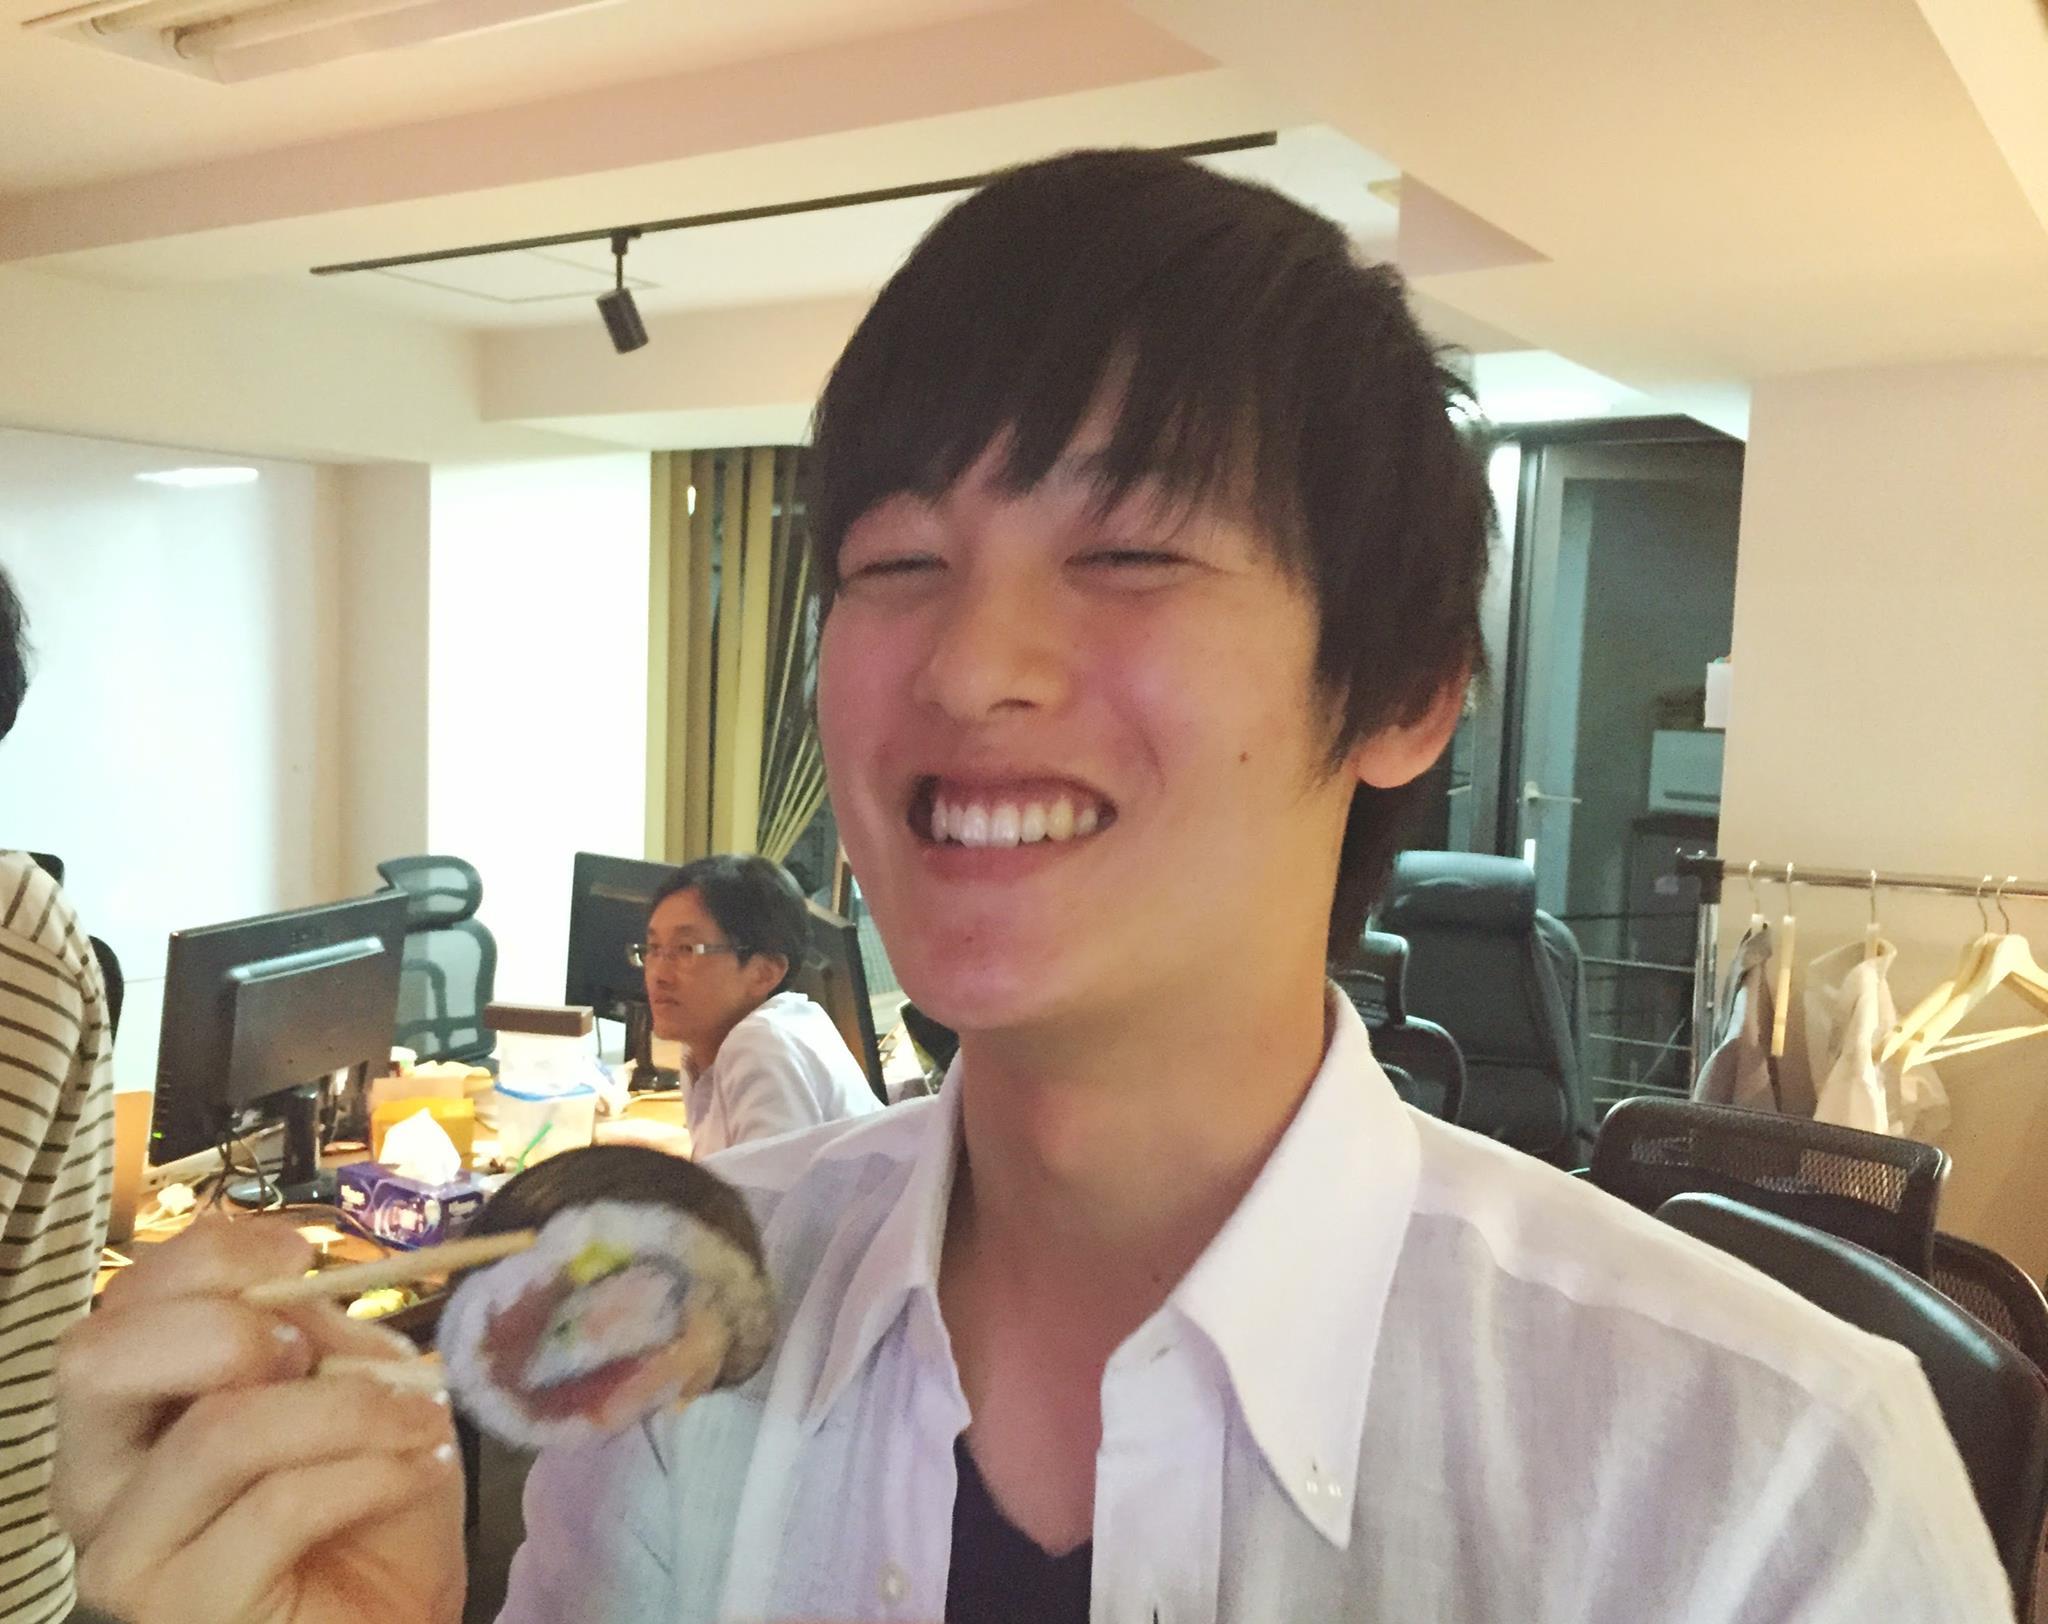 チキンカツ大好きなインターンのオオツカくんのために、恵比寿で有名な爆盛りチキンカツを食べに行ったよ